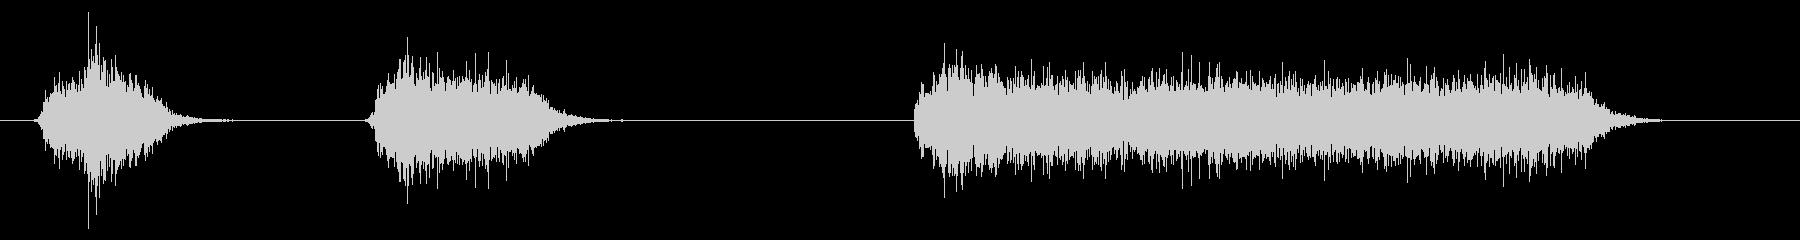 スプレー、エアブラシのシューッという音の未再生の波形